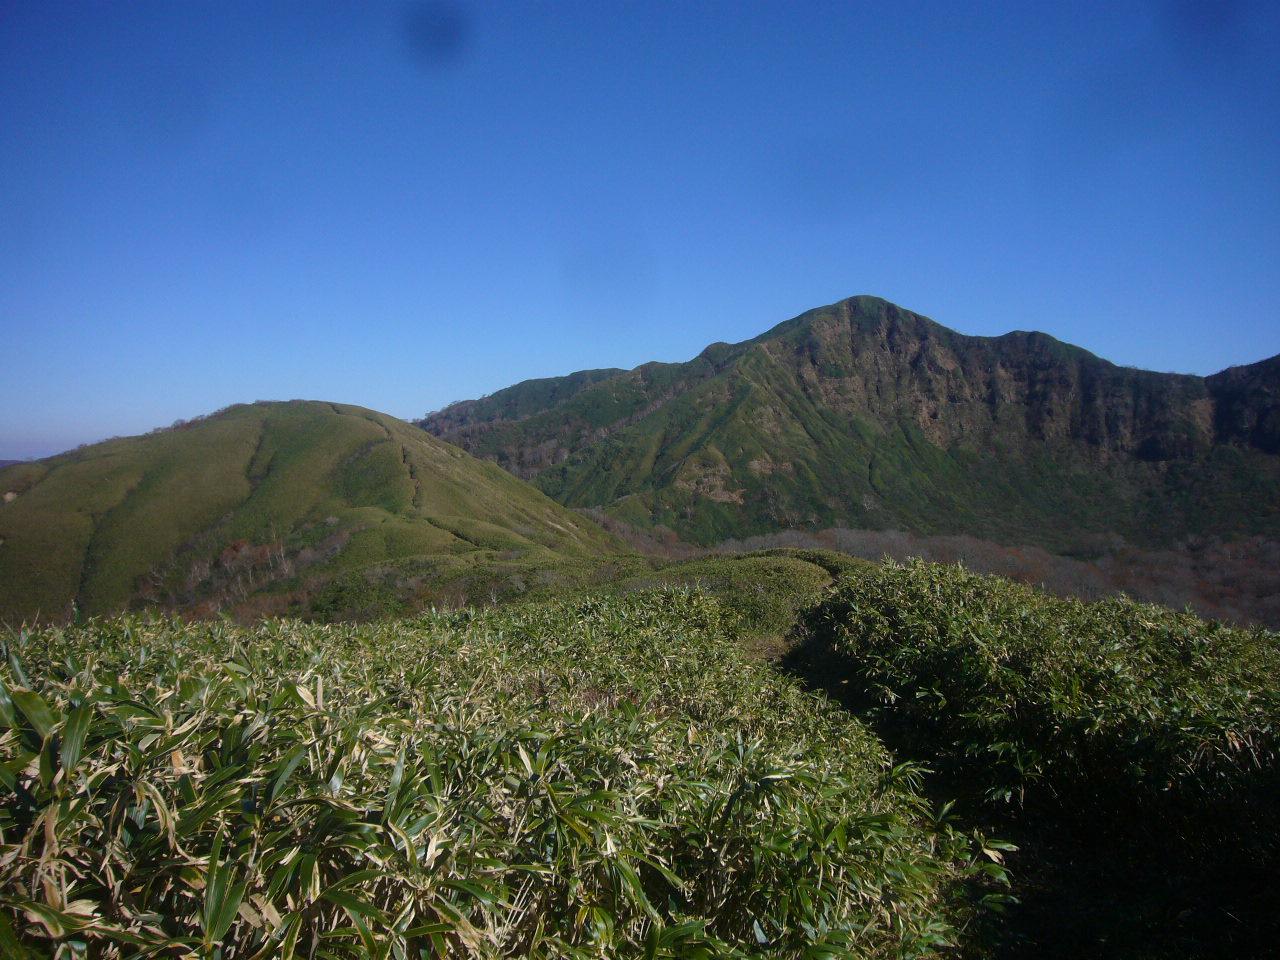 杓子岳近辺より経ヶ岳 H26.10.29撮影